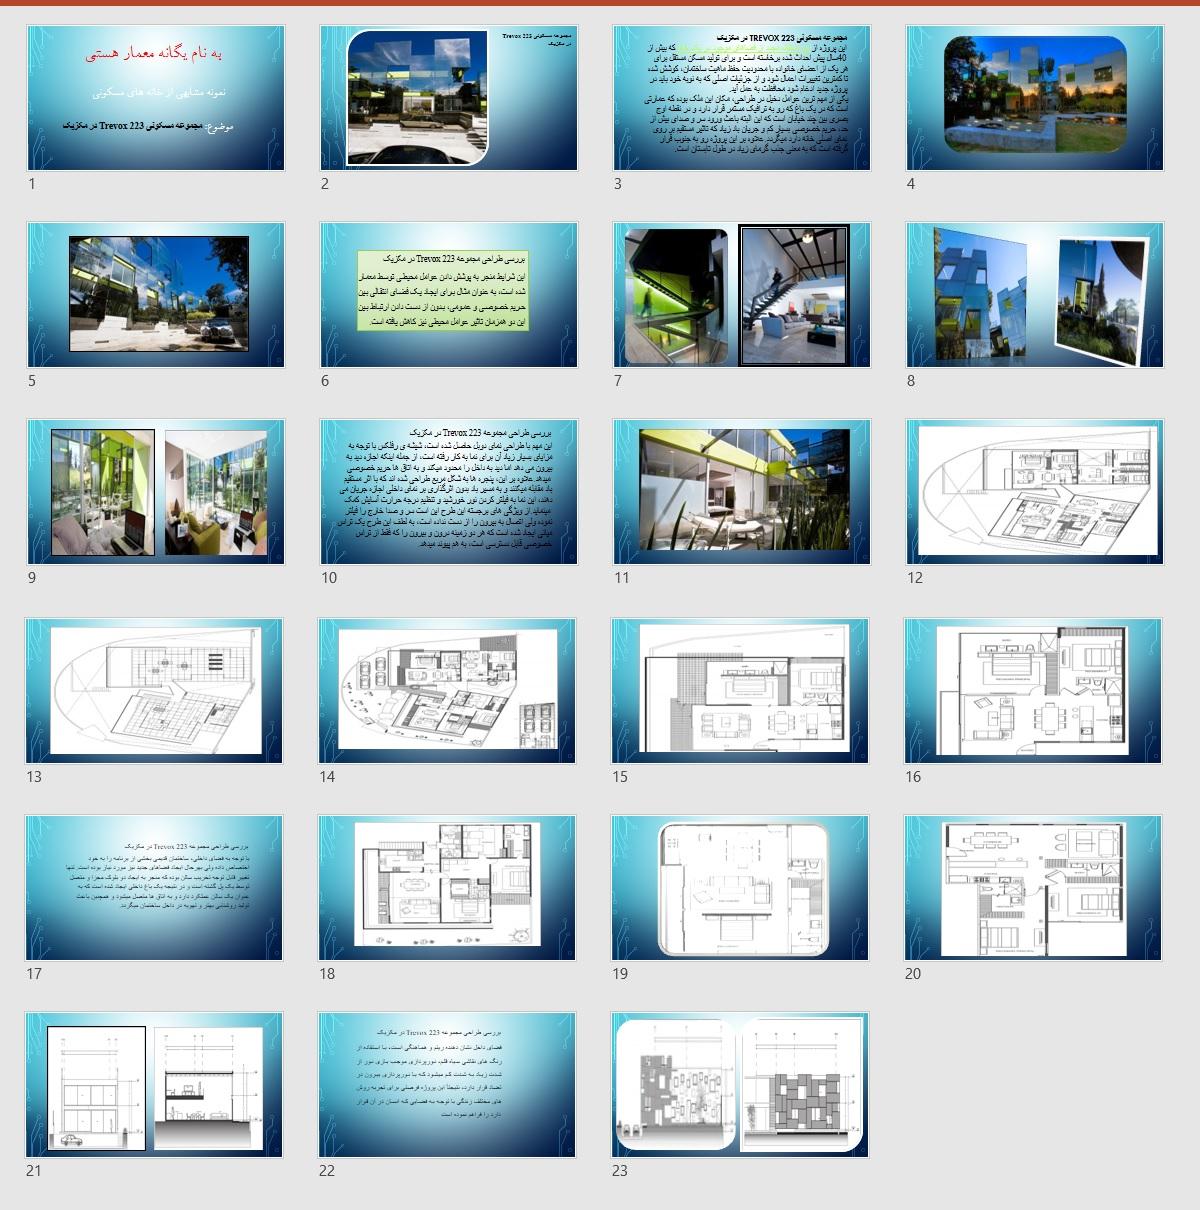 پیش نمایشTrevox223 مجموعه مسکونی